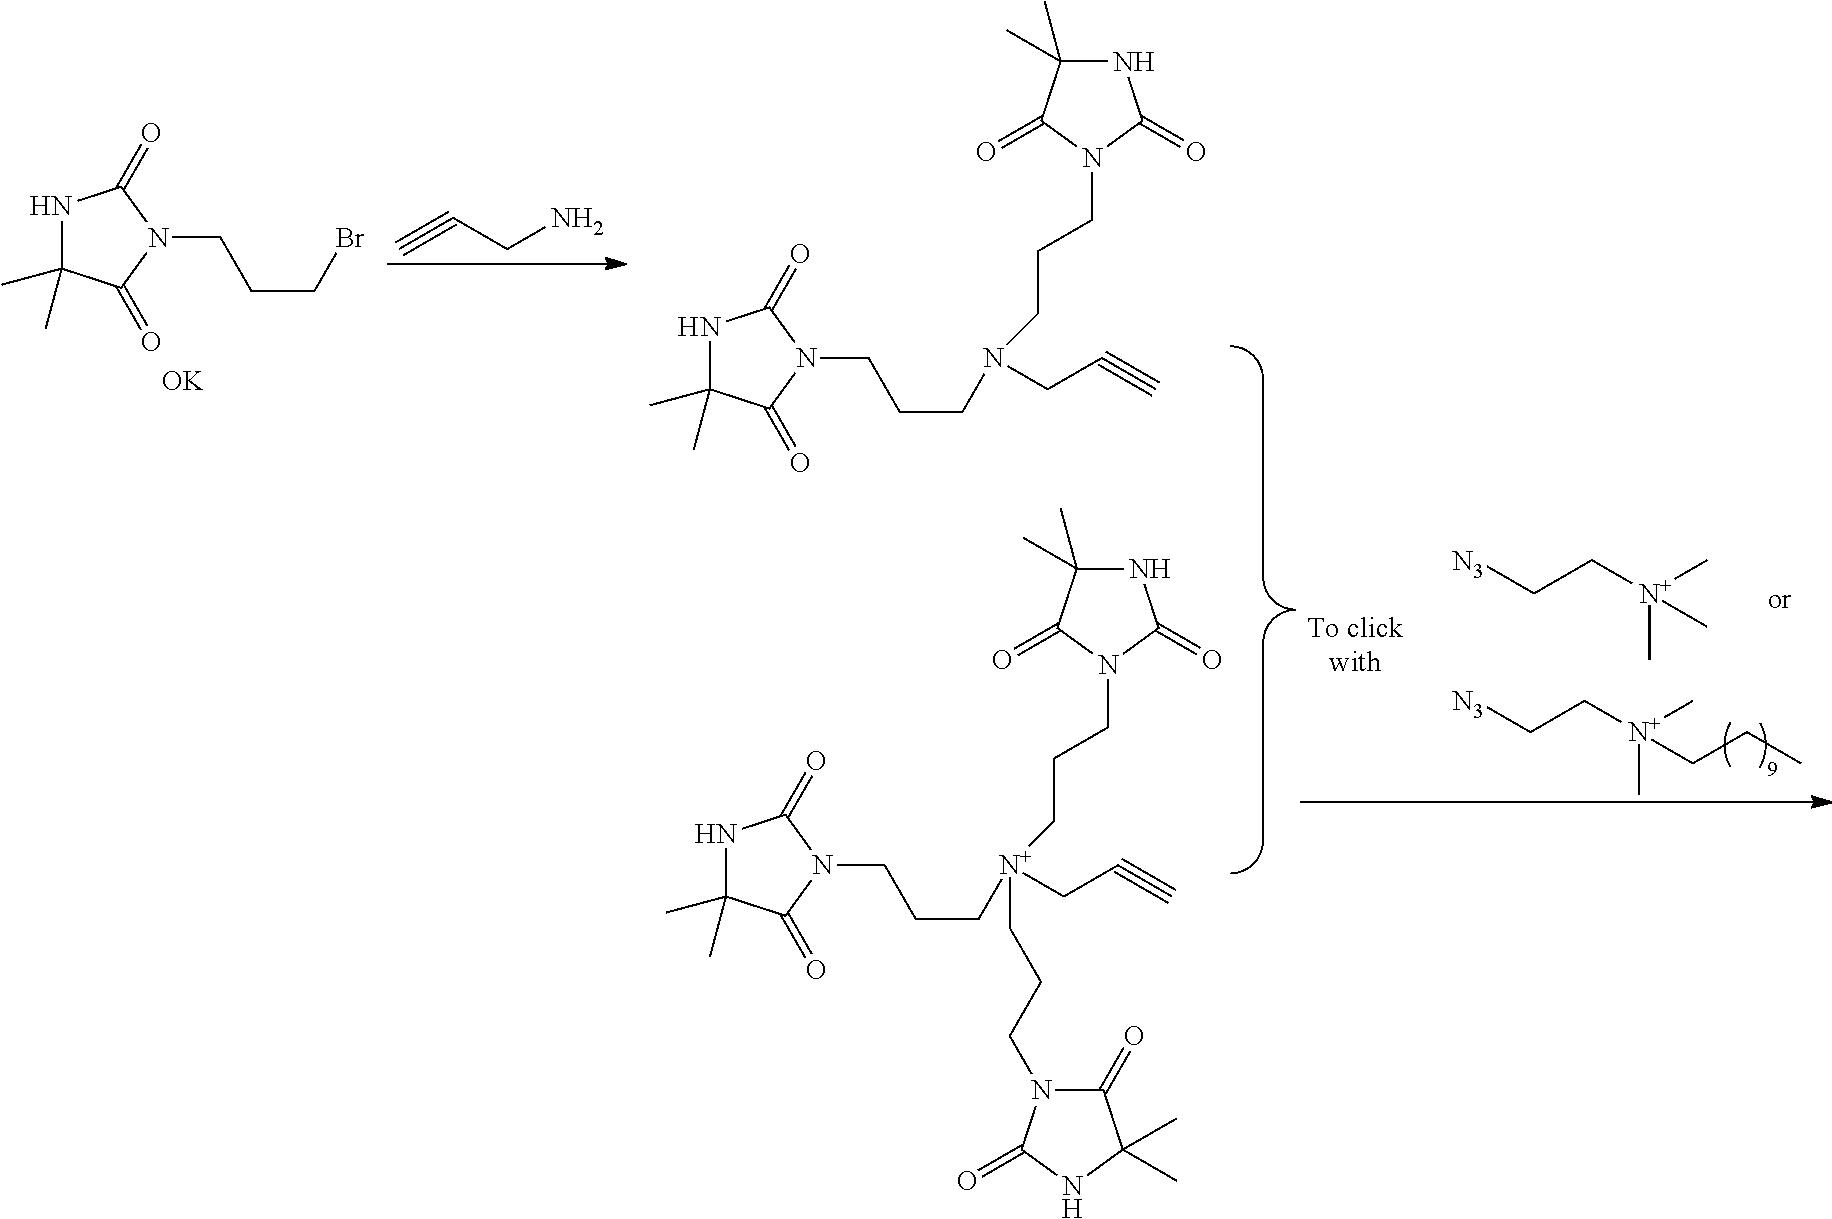 Figure US20150118179A1-20150430-C00054